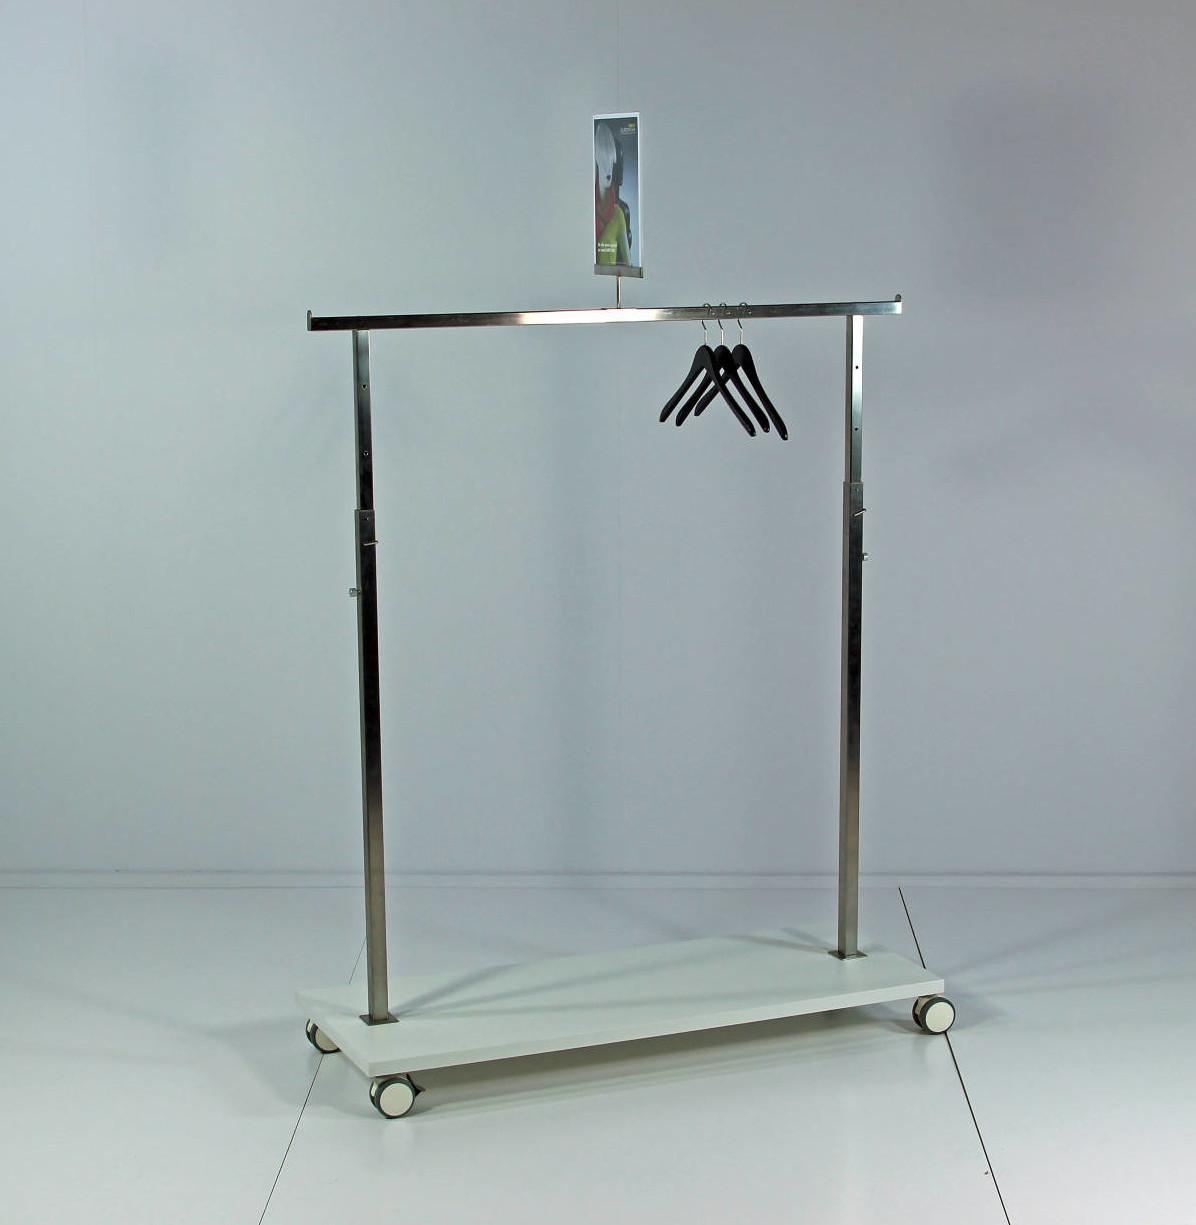 Tøjstativ som kan leveres i alle NCS farver og der kan tilkøbes dobbelte fronthæng, så stativet præsentere varerne endnu bedre.